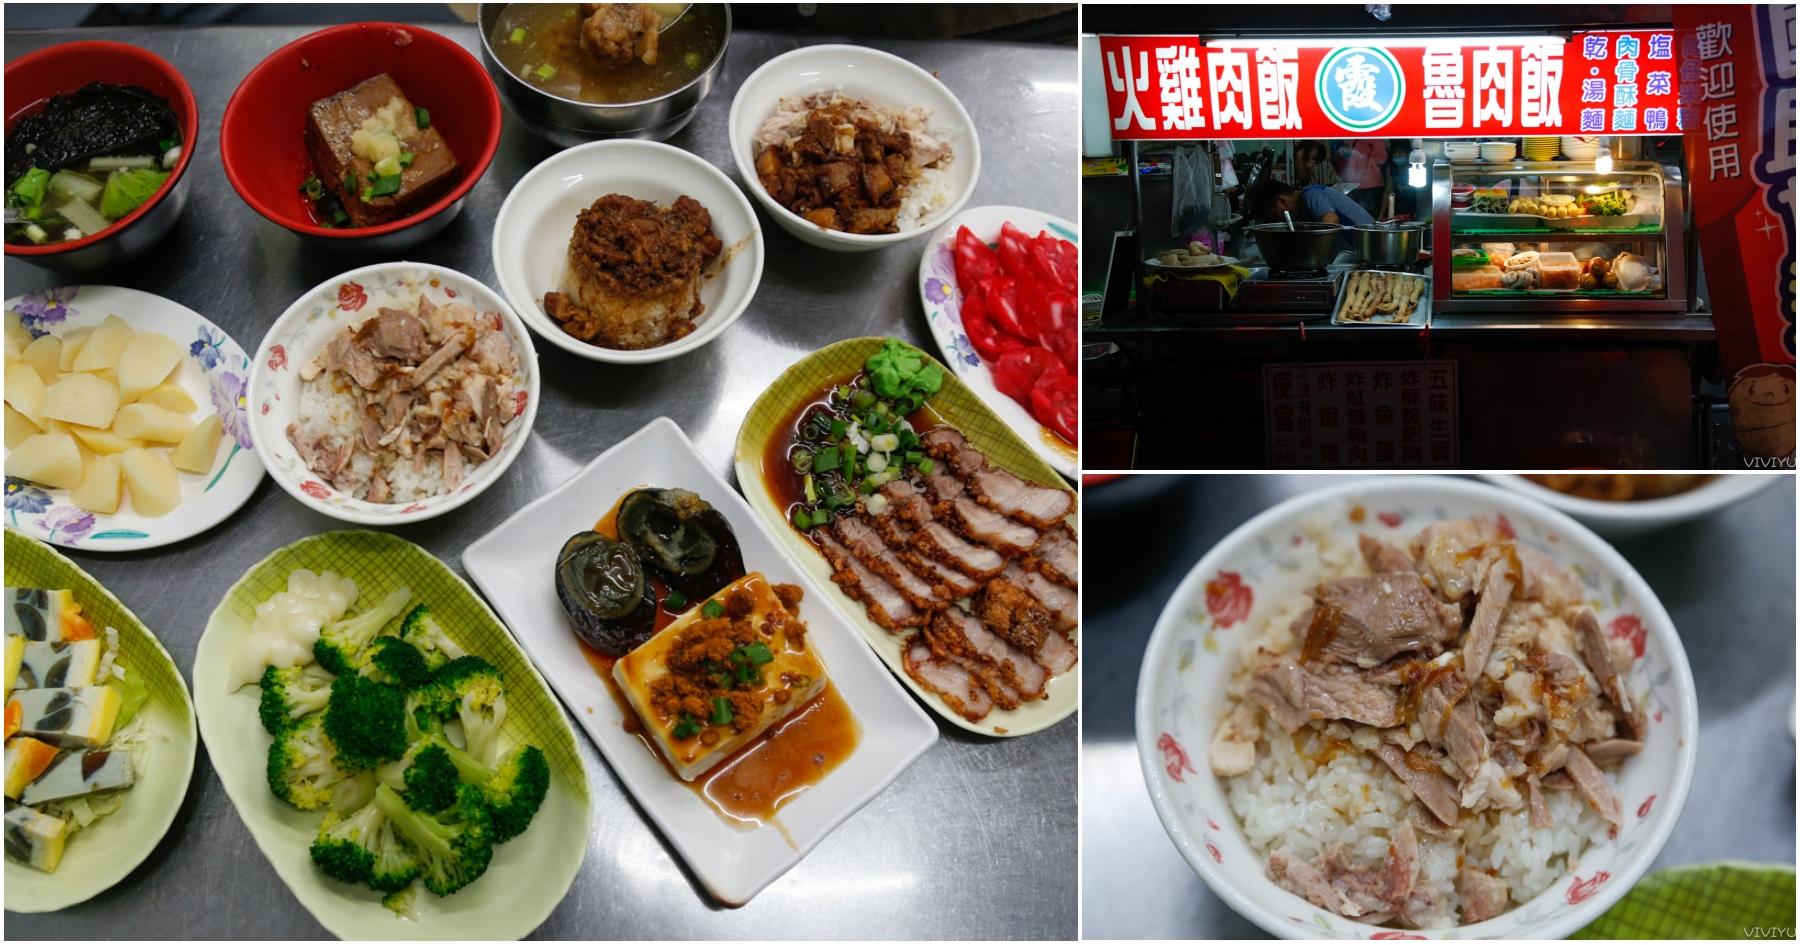 [嘉義美食]阿霞火雞肉飯|文化路夜市裡大排長龍宵夜場~好吃雞魯飯 @VIVIYU小世界